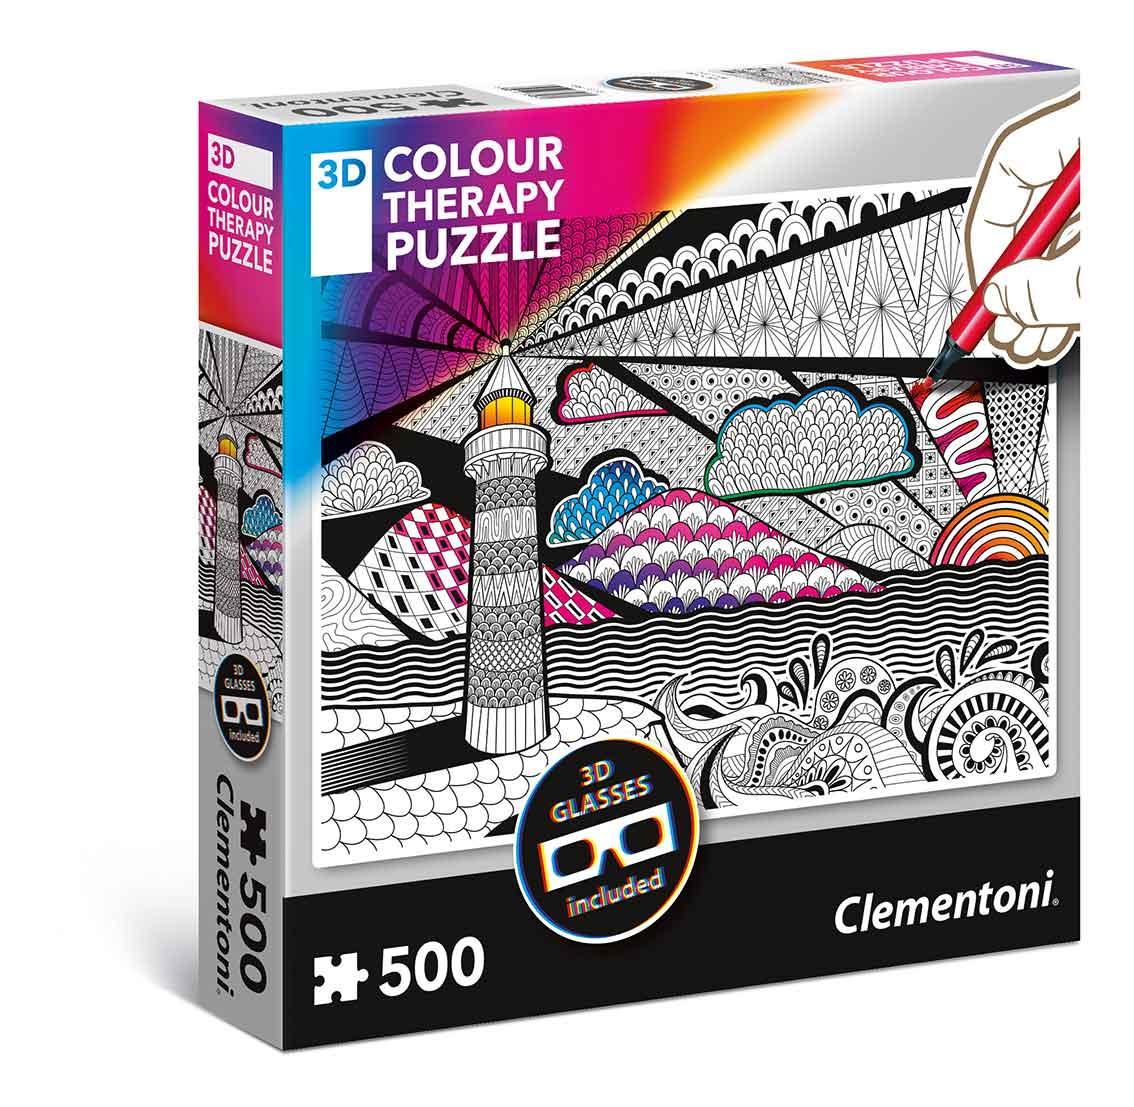 Puzzle Clementoni THERAPY El Faro de 500 Piezas